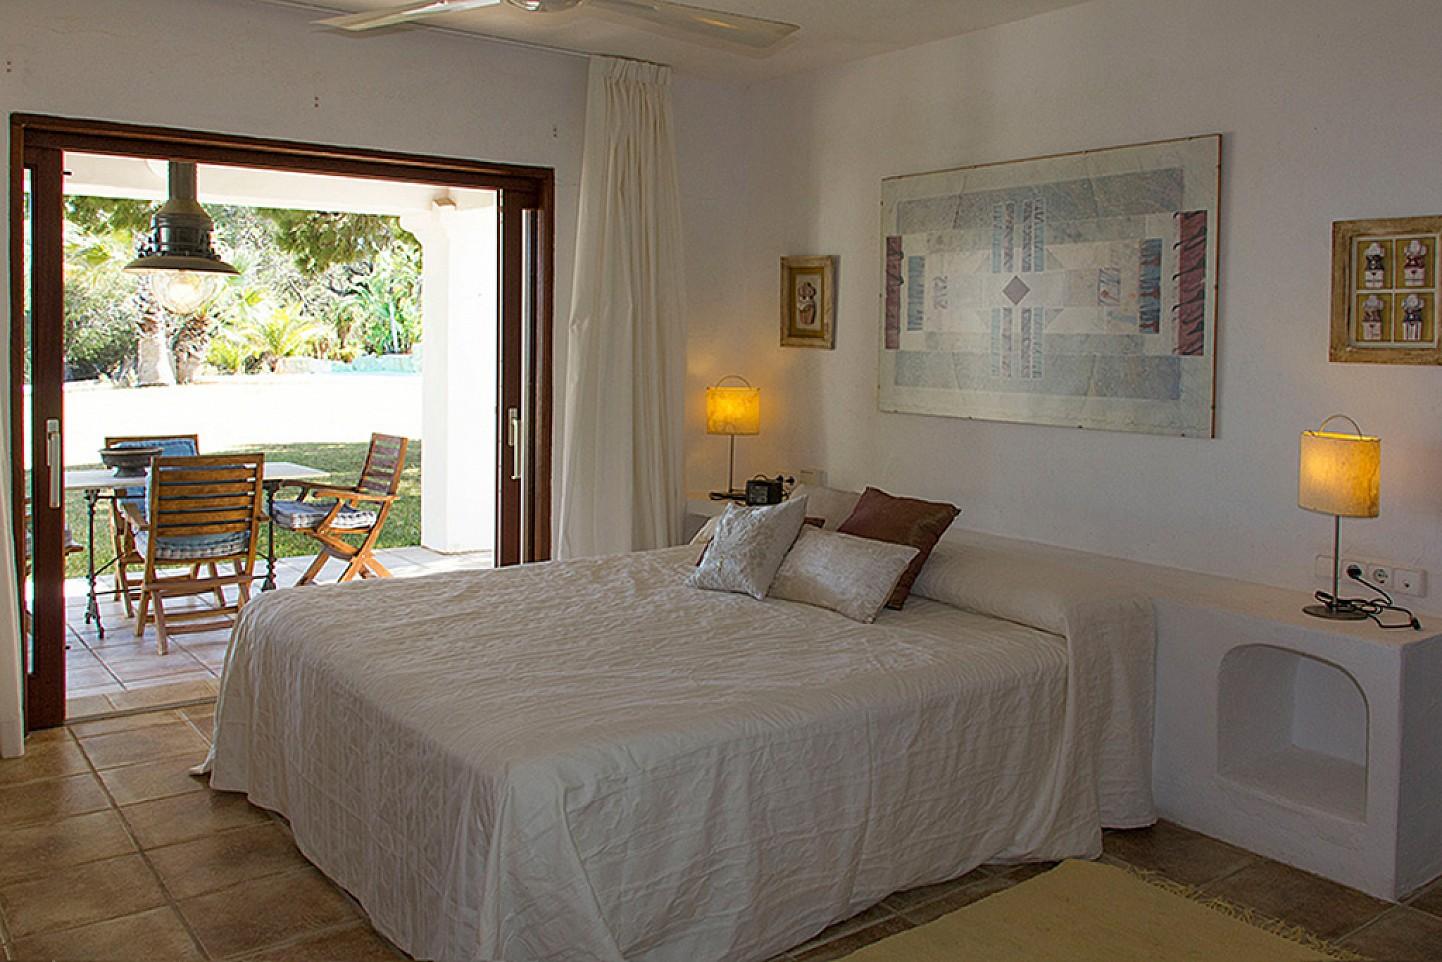 Dormitorio1  con salida al jardín